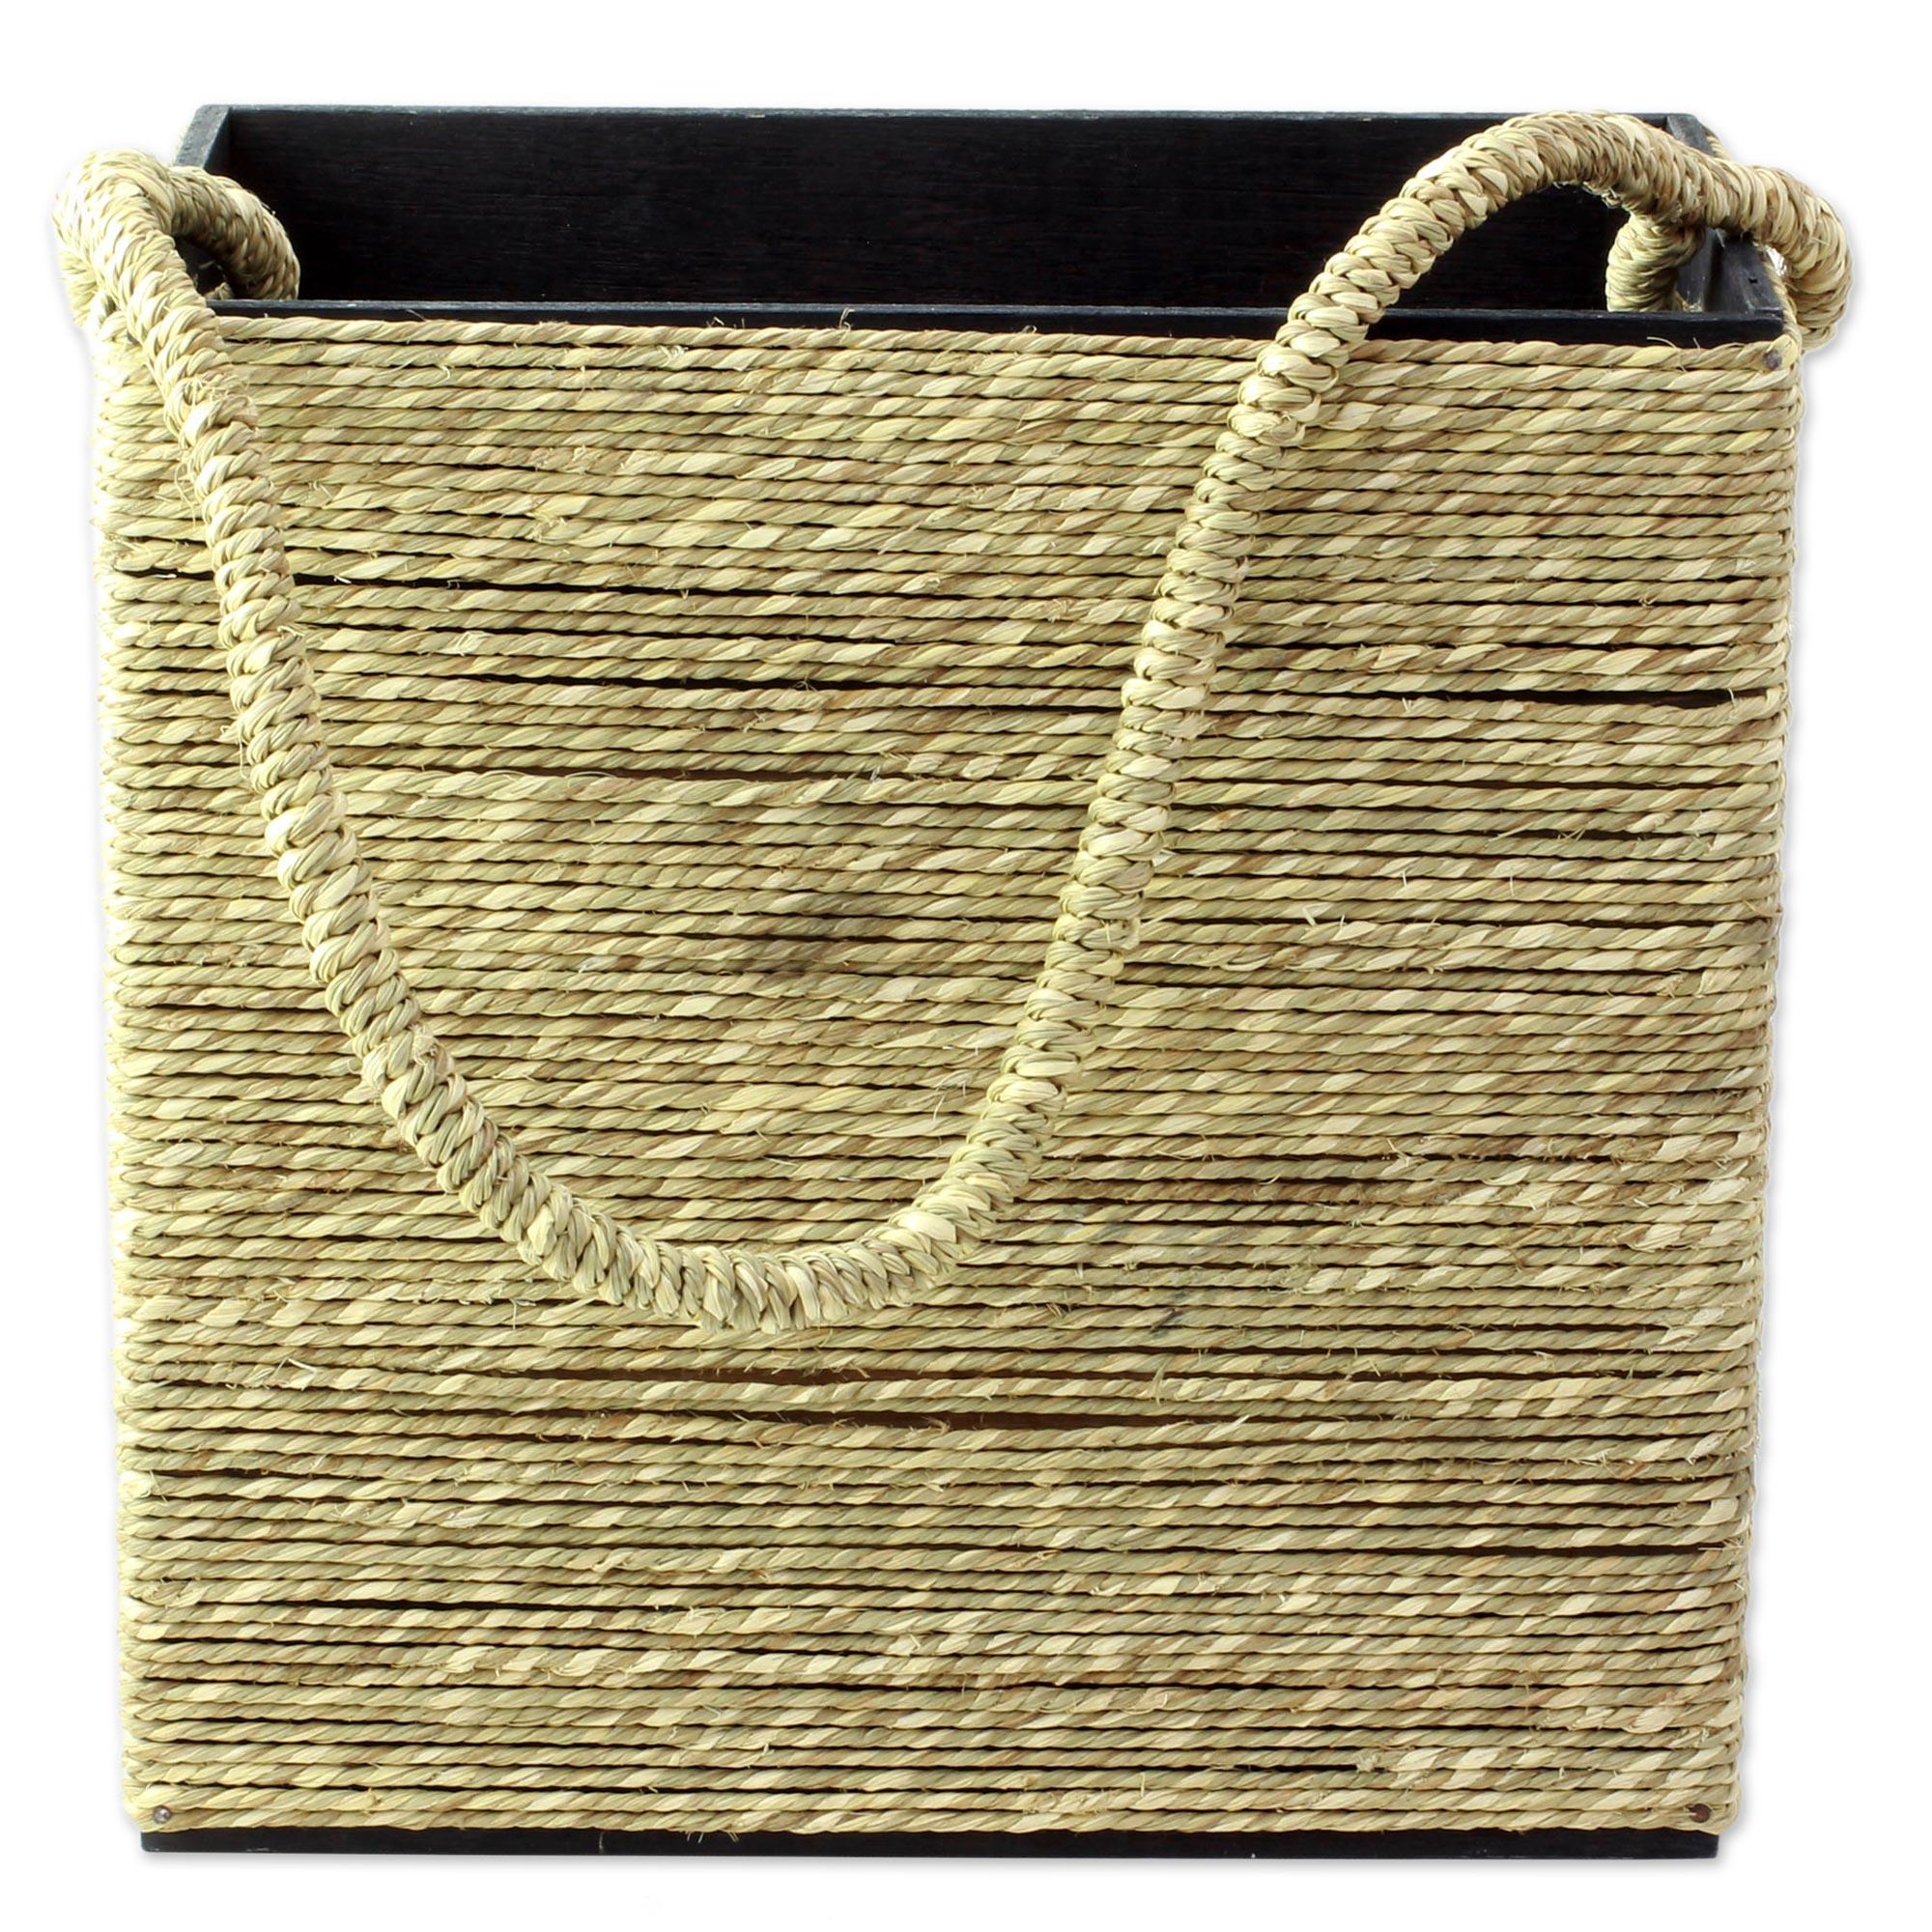 Novica Natural fibers tote bag and bottle holder set, Lifes a Picnic